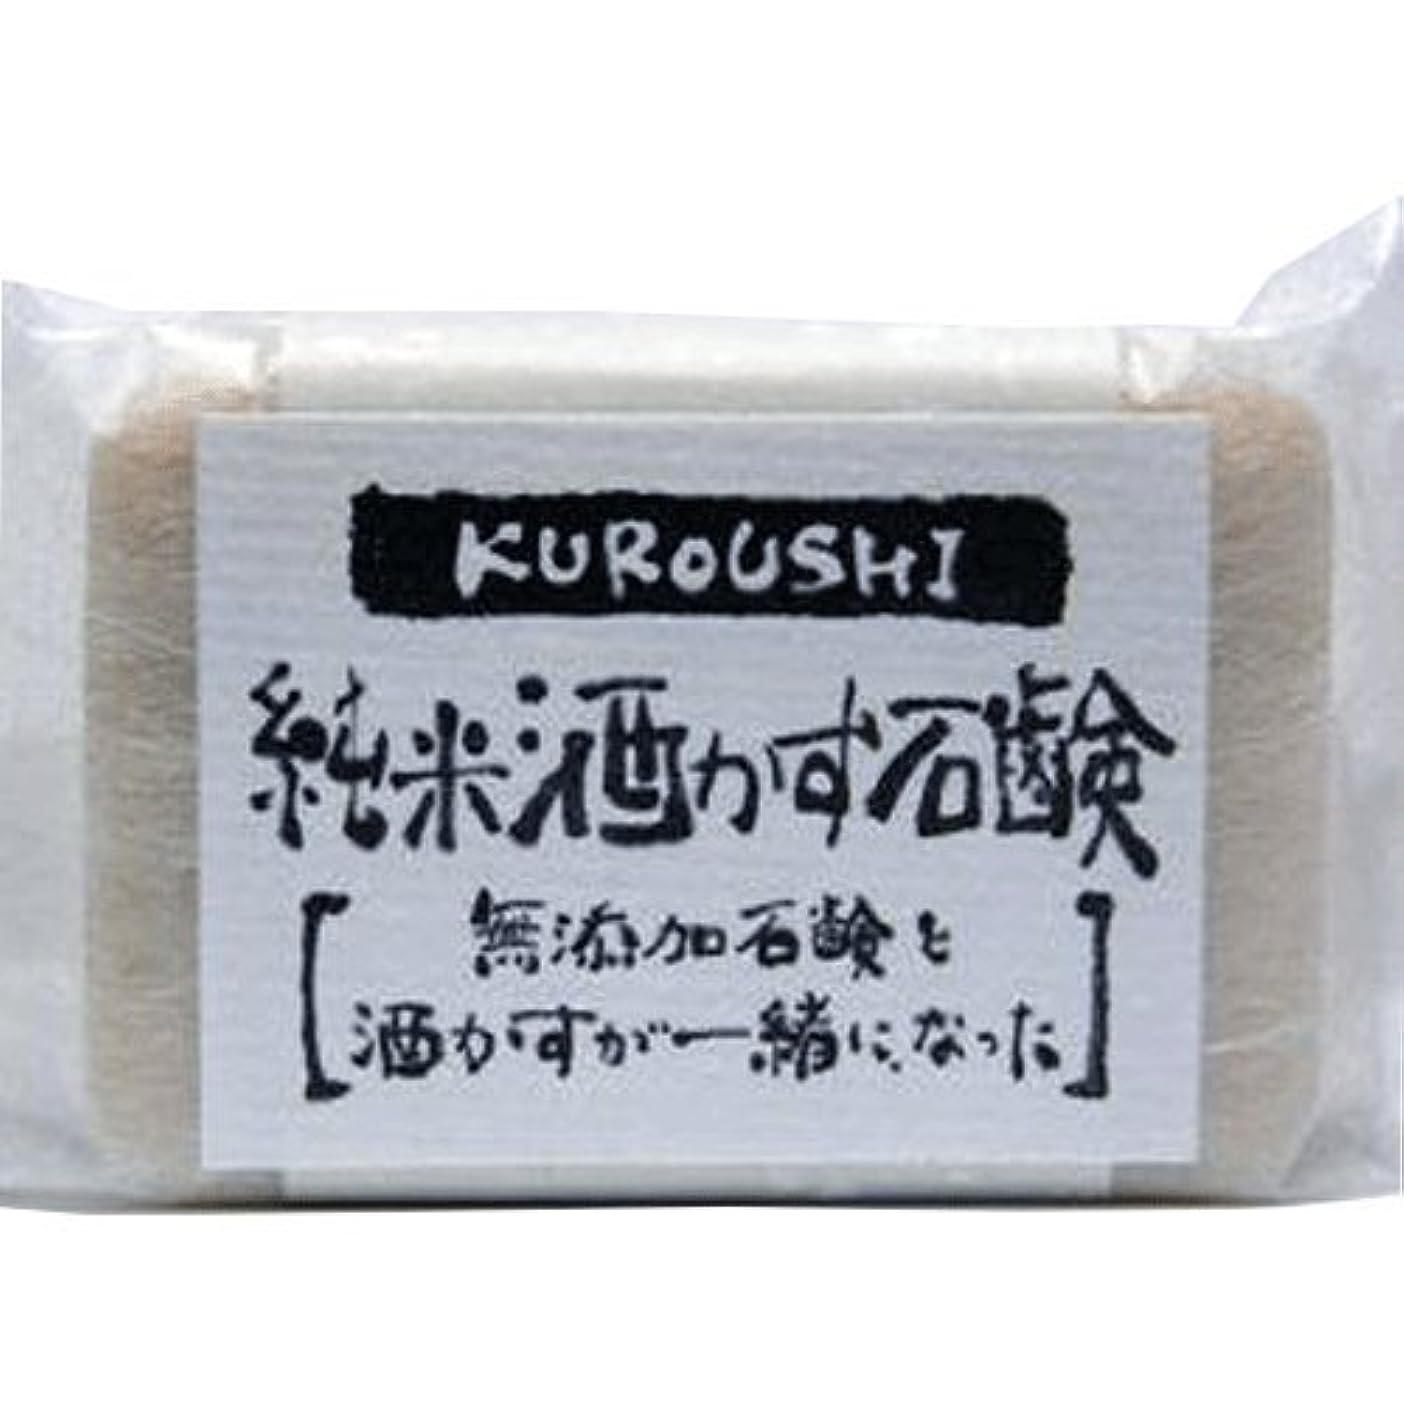 平野たっぷり変装したKUROUSHI 純米酒かす 無添加石鹸(せっけん) 120g 6個セット